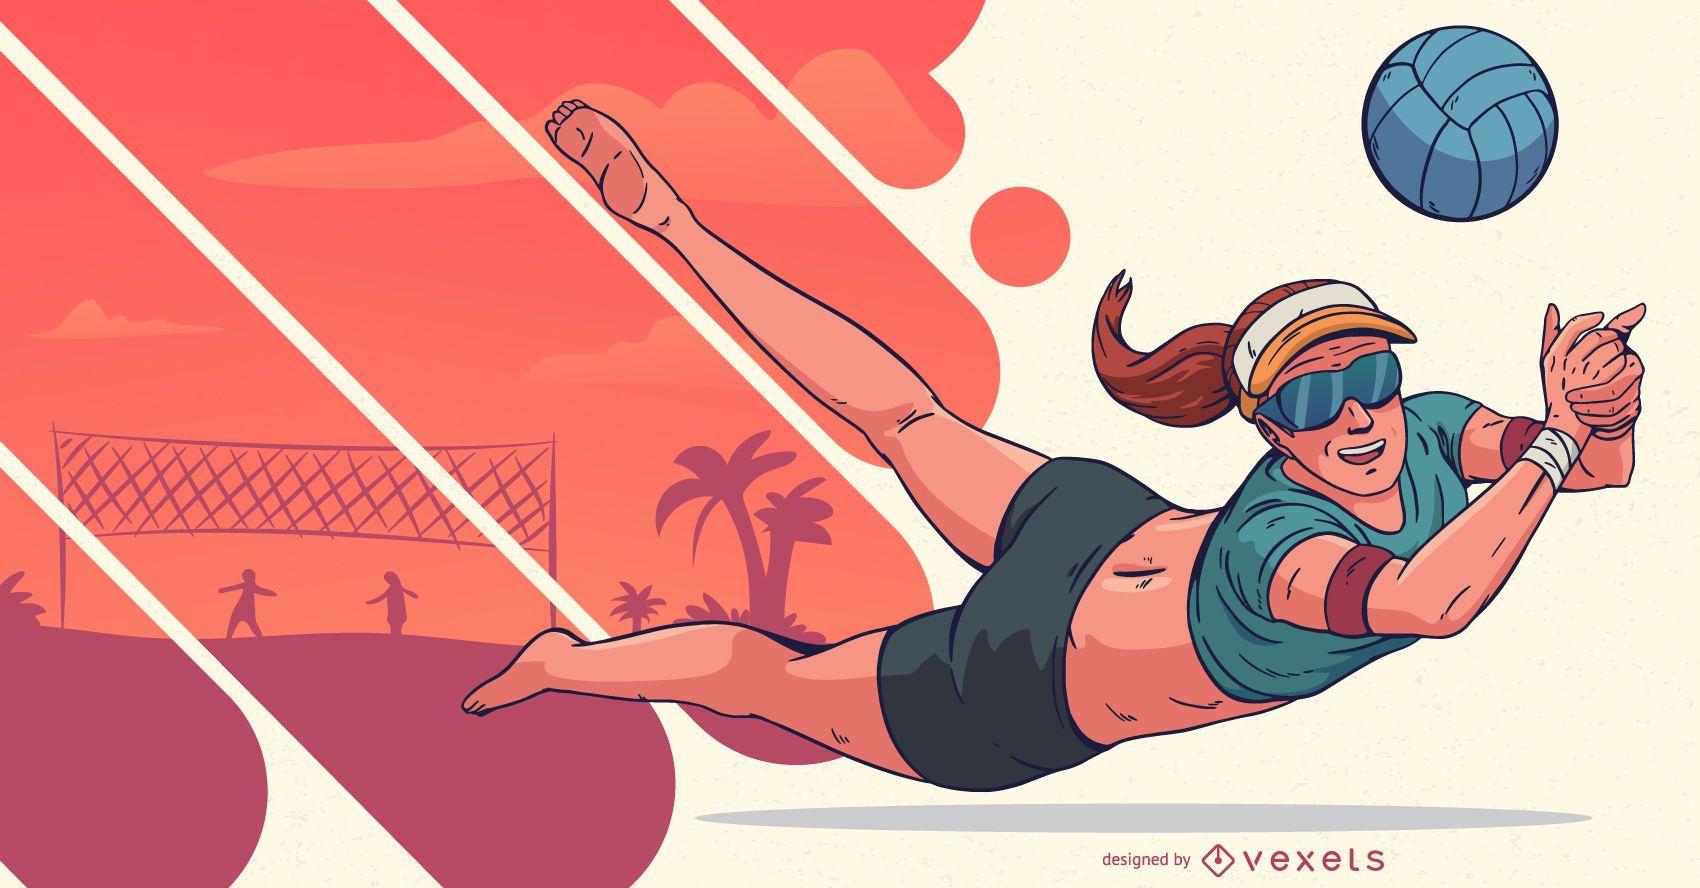 Ilustración de gente de deportes de jugador de voleibol